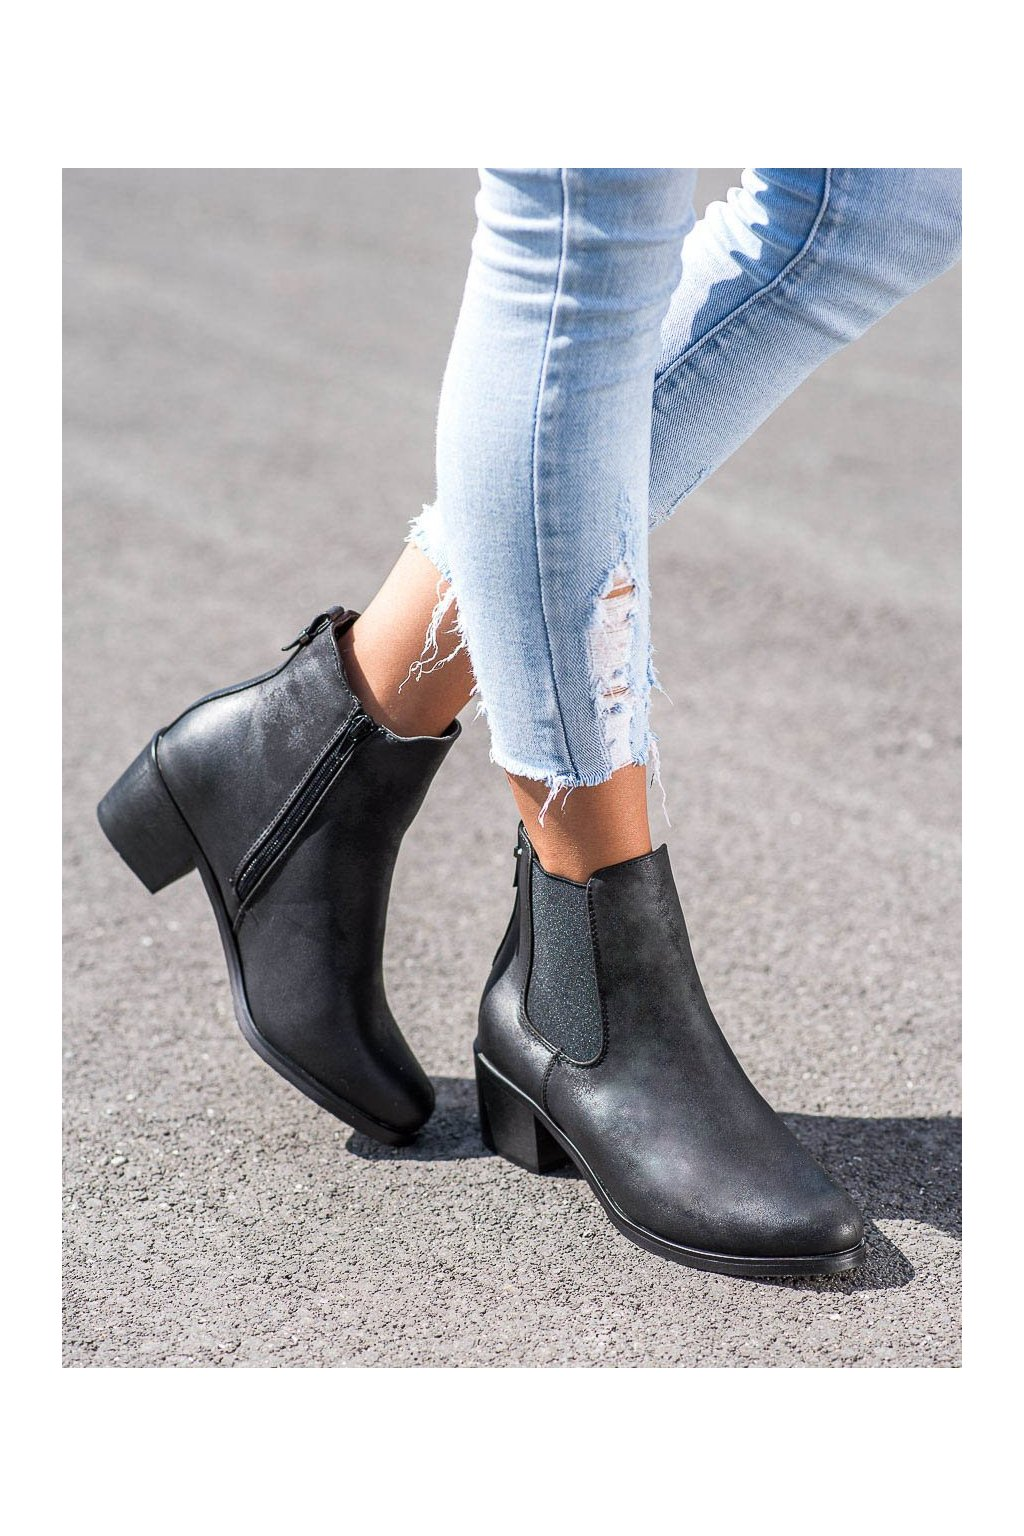 Čierne dámske topánky Goodin kod GD-DS-07B